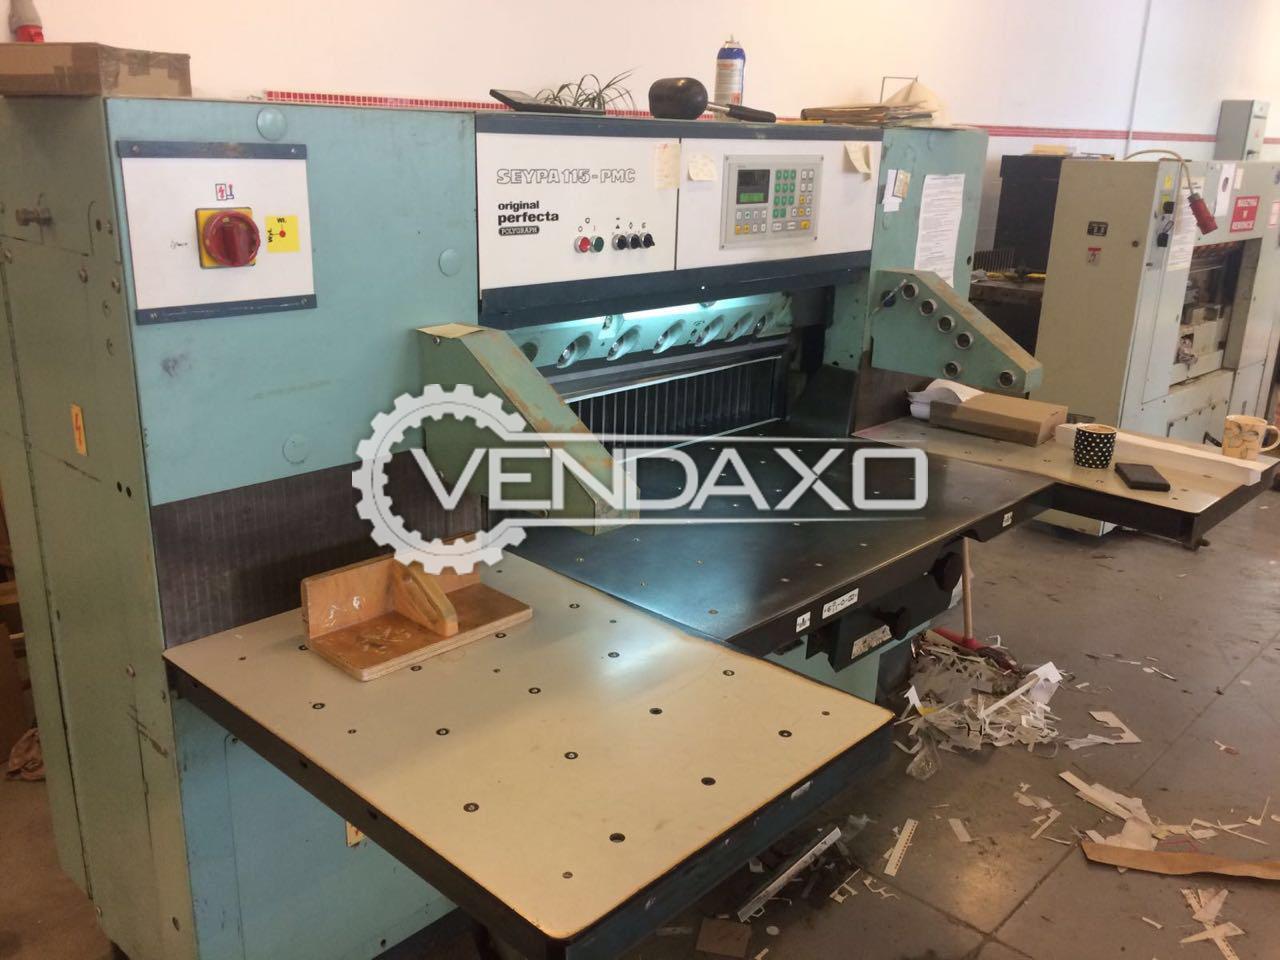 Perfecta 115-5PMC Paper Cutting Machine - Size - 45 Inch